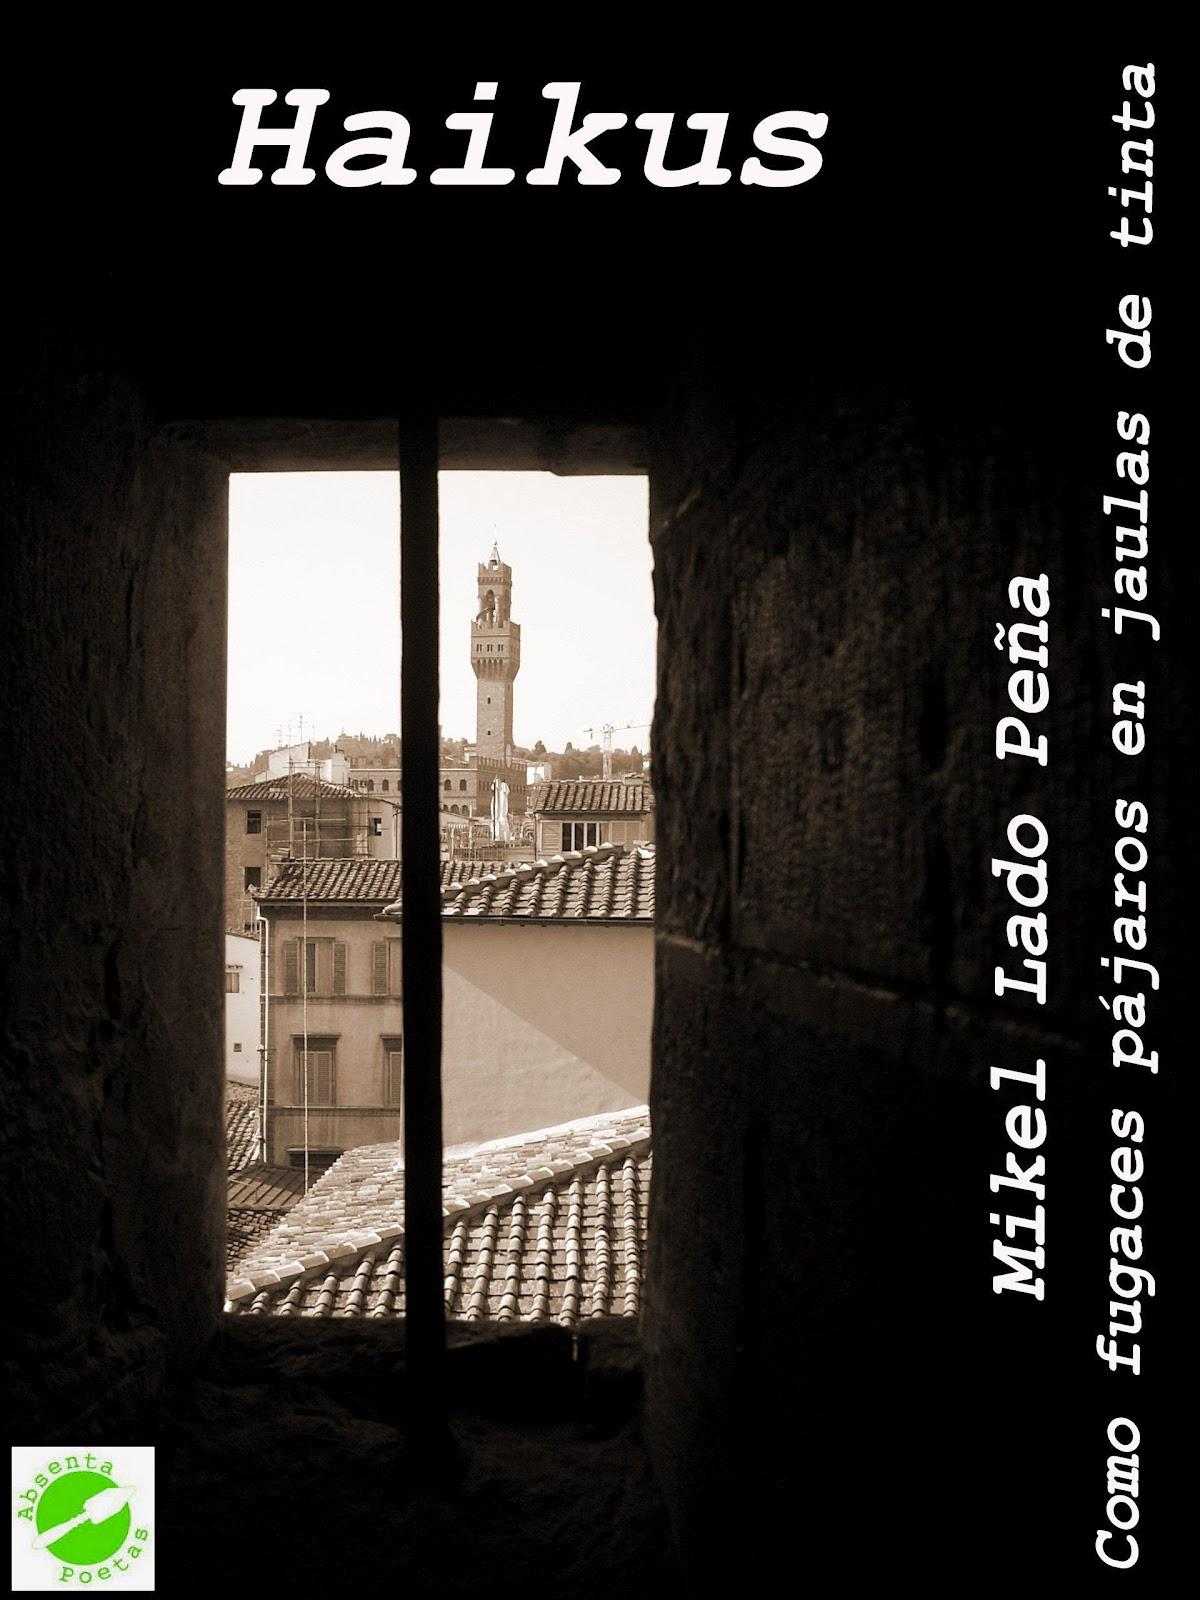 Postales desde el fitz roy mayo 2012 - Librerias torrelavega ...